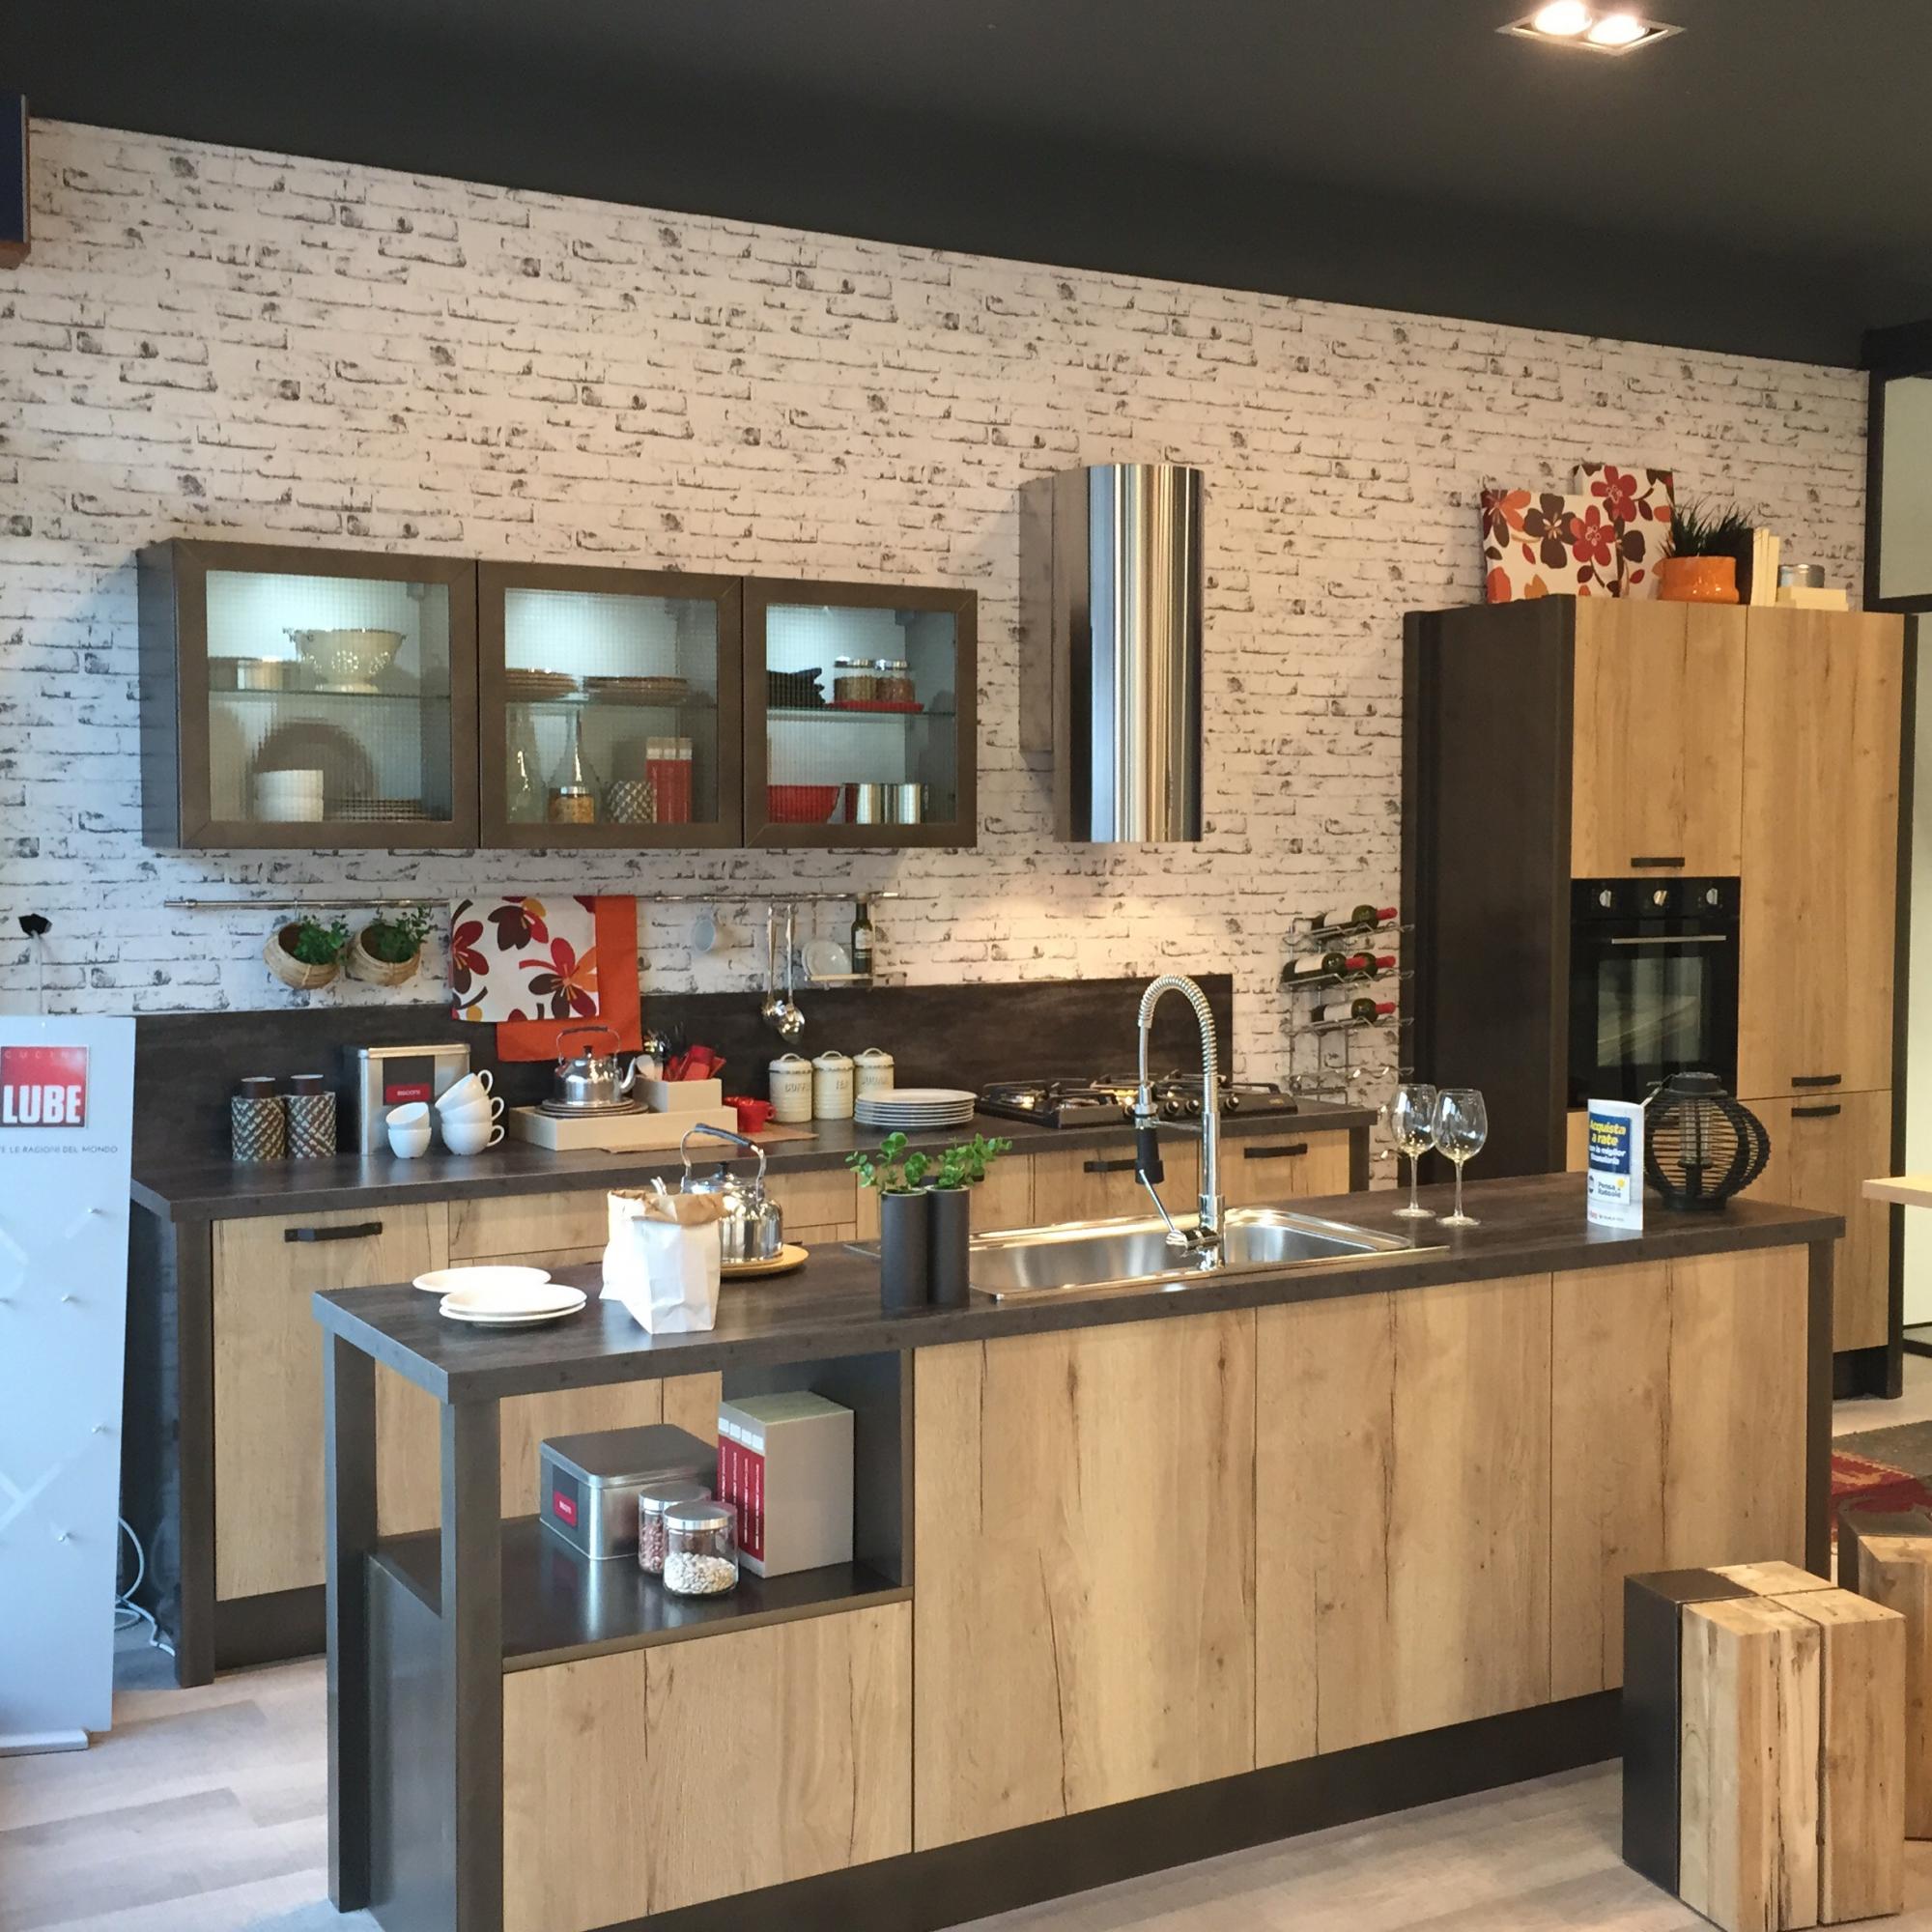 Nuovo punto vendita a marchio Cucine Lube e Creo Kitchens a Verona ...